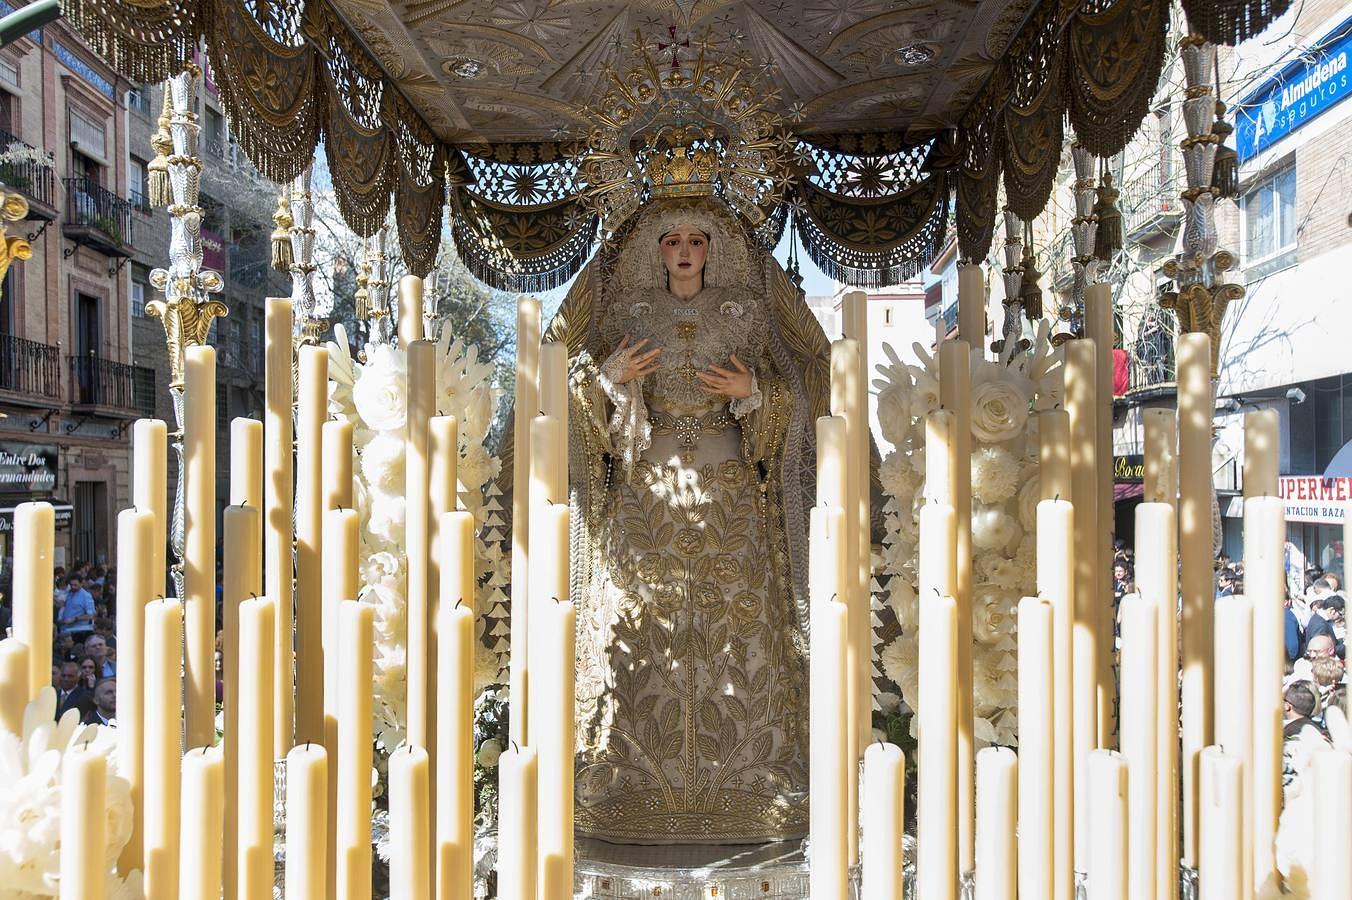 I ESTACIÓN DE PENITENCIA DE LA HERMANDAD DE LOS NEGRITOS Hermandad-negritos-jueves-santo-sevilla-17_xoptimizadax--1352x900